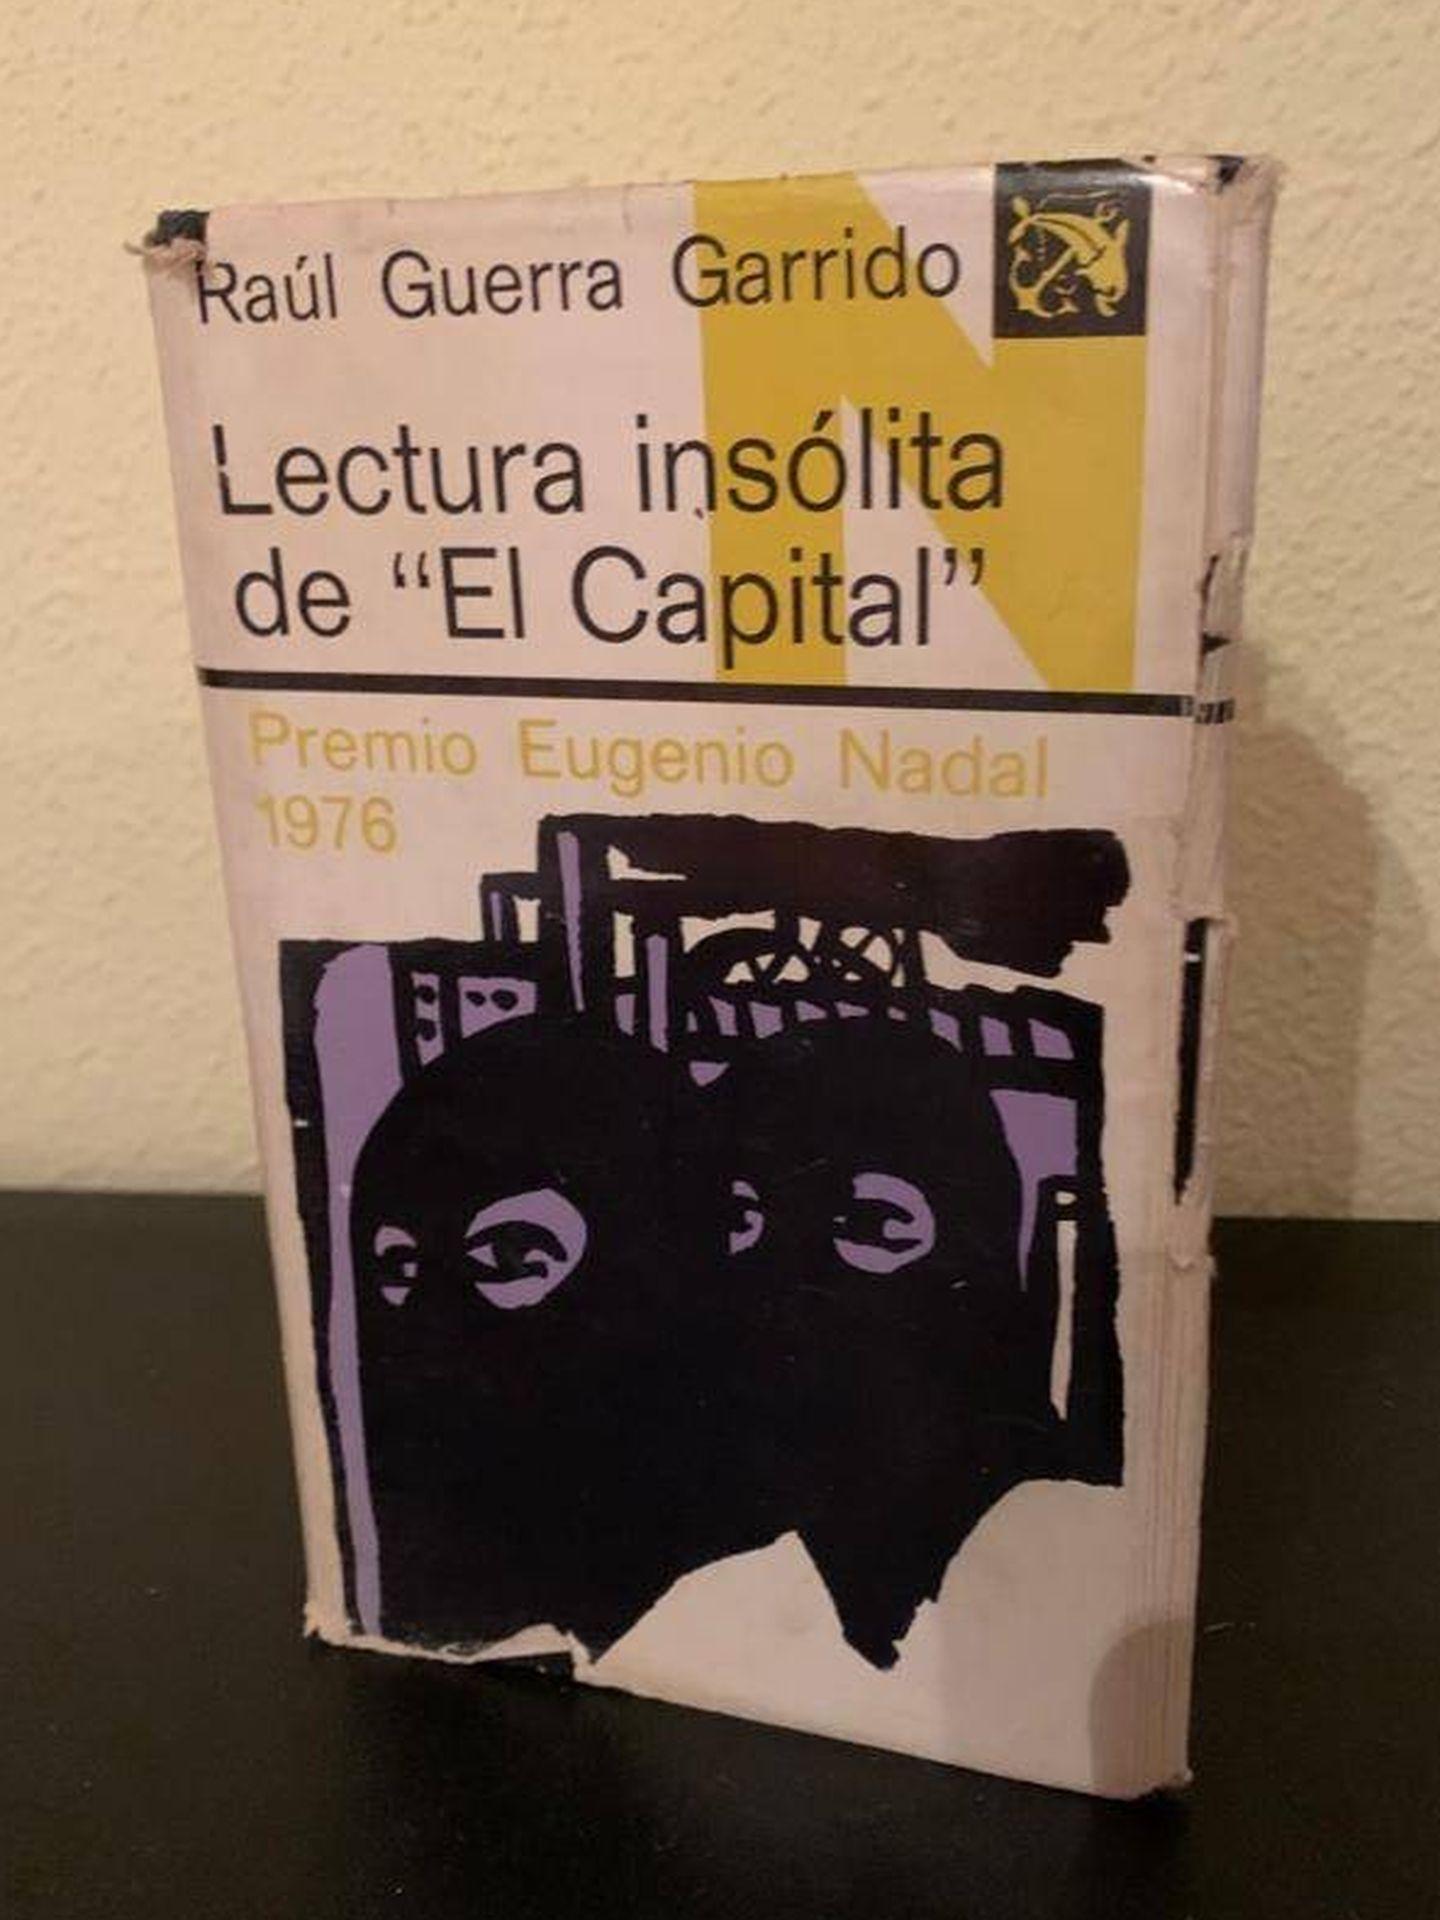 'Lectura insólita de El Capital', de Raúl Guerra Garrido.